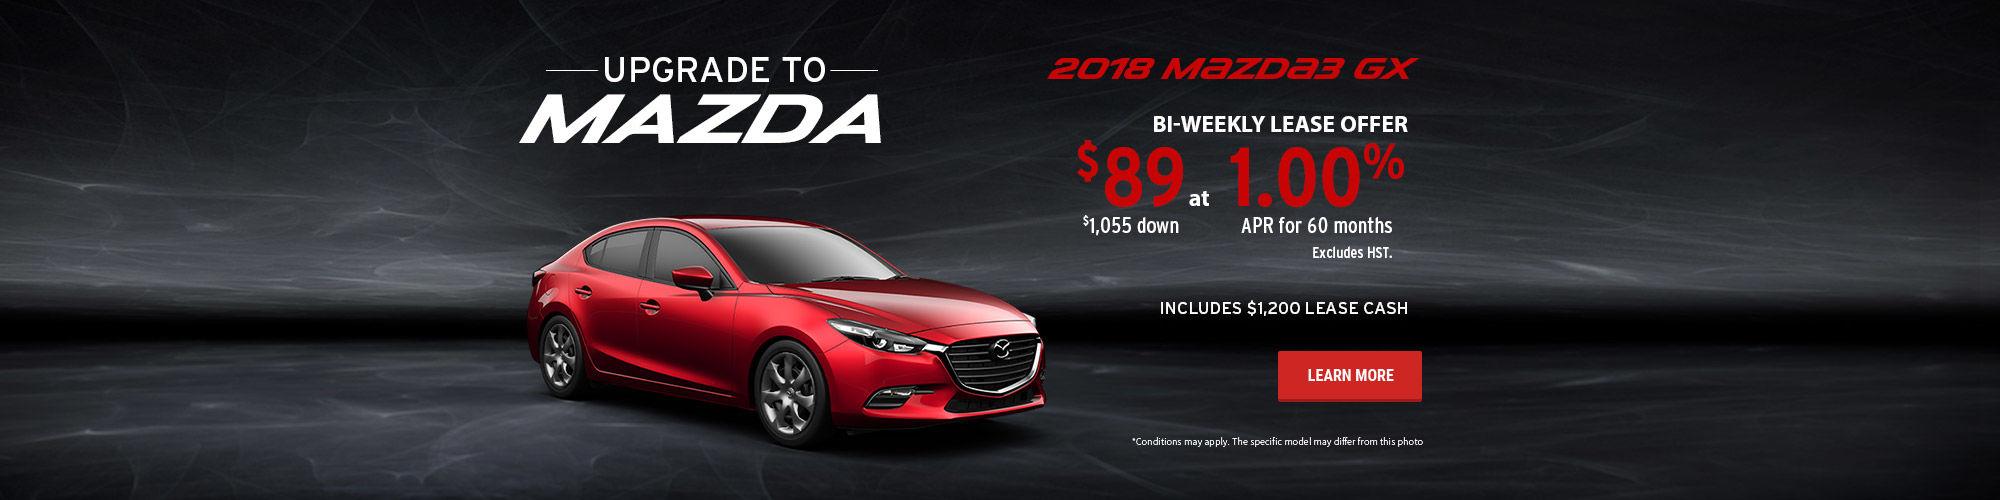 Upgrade to Mazda - Mazda3